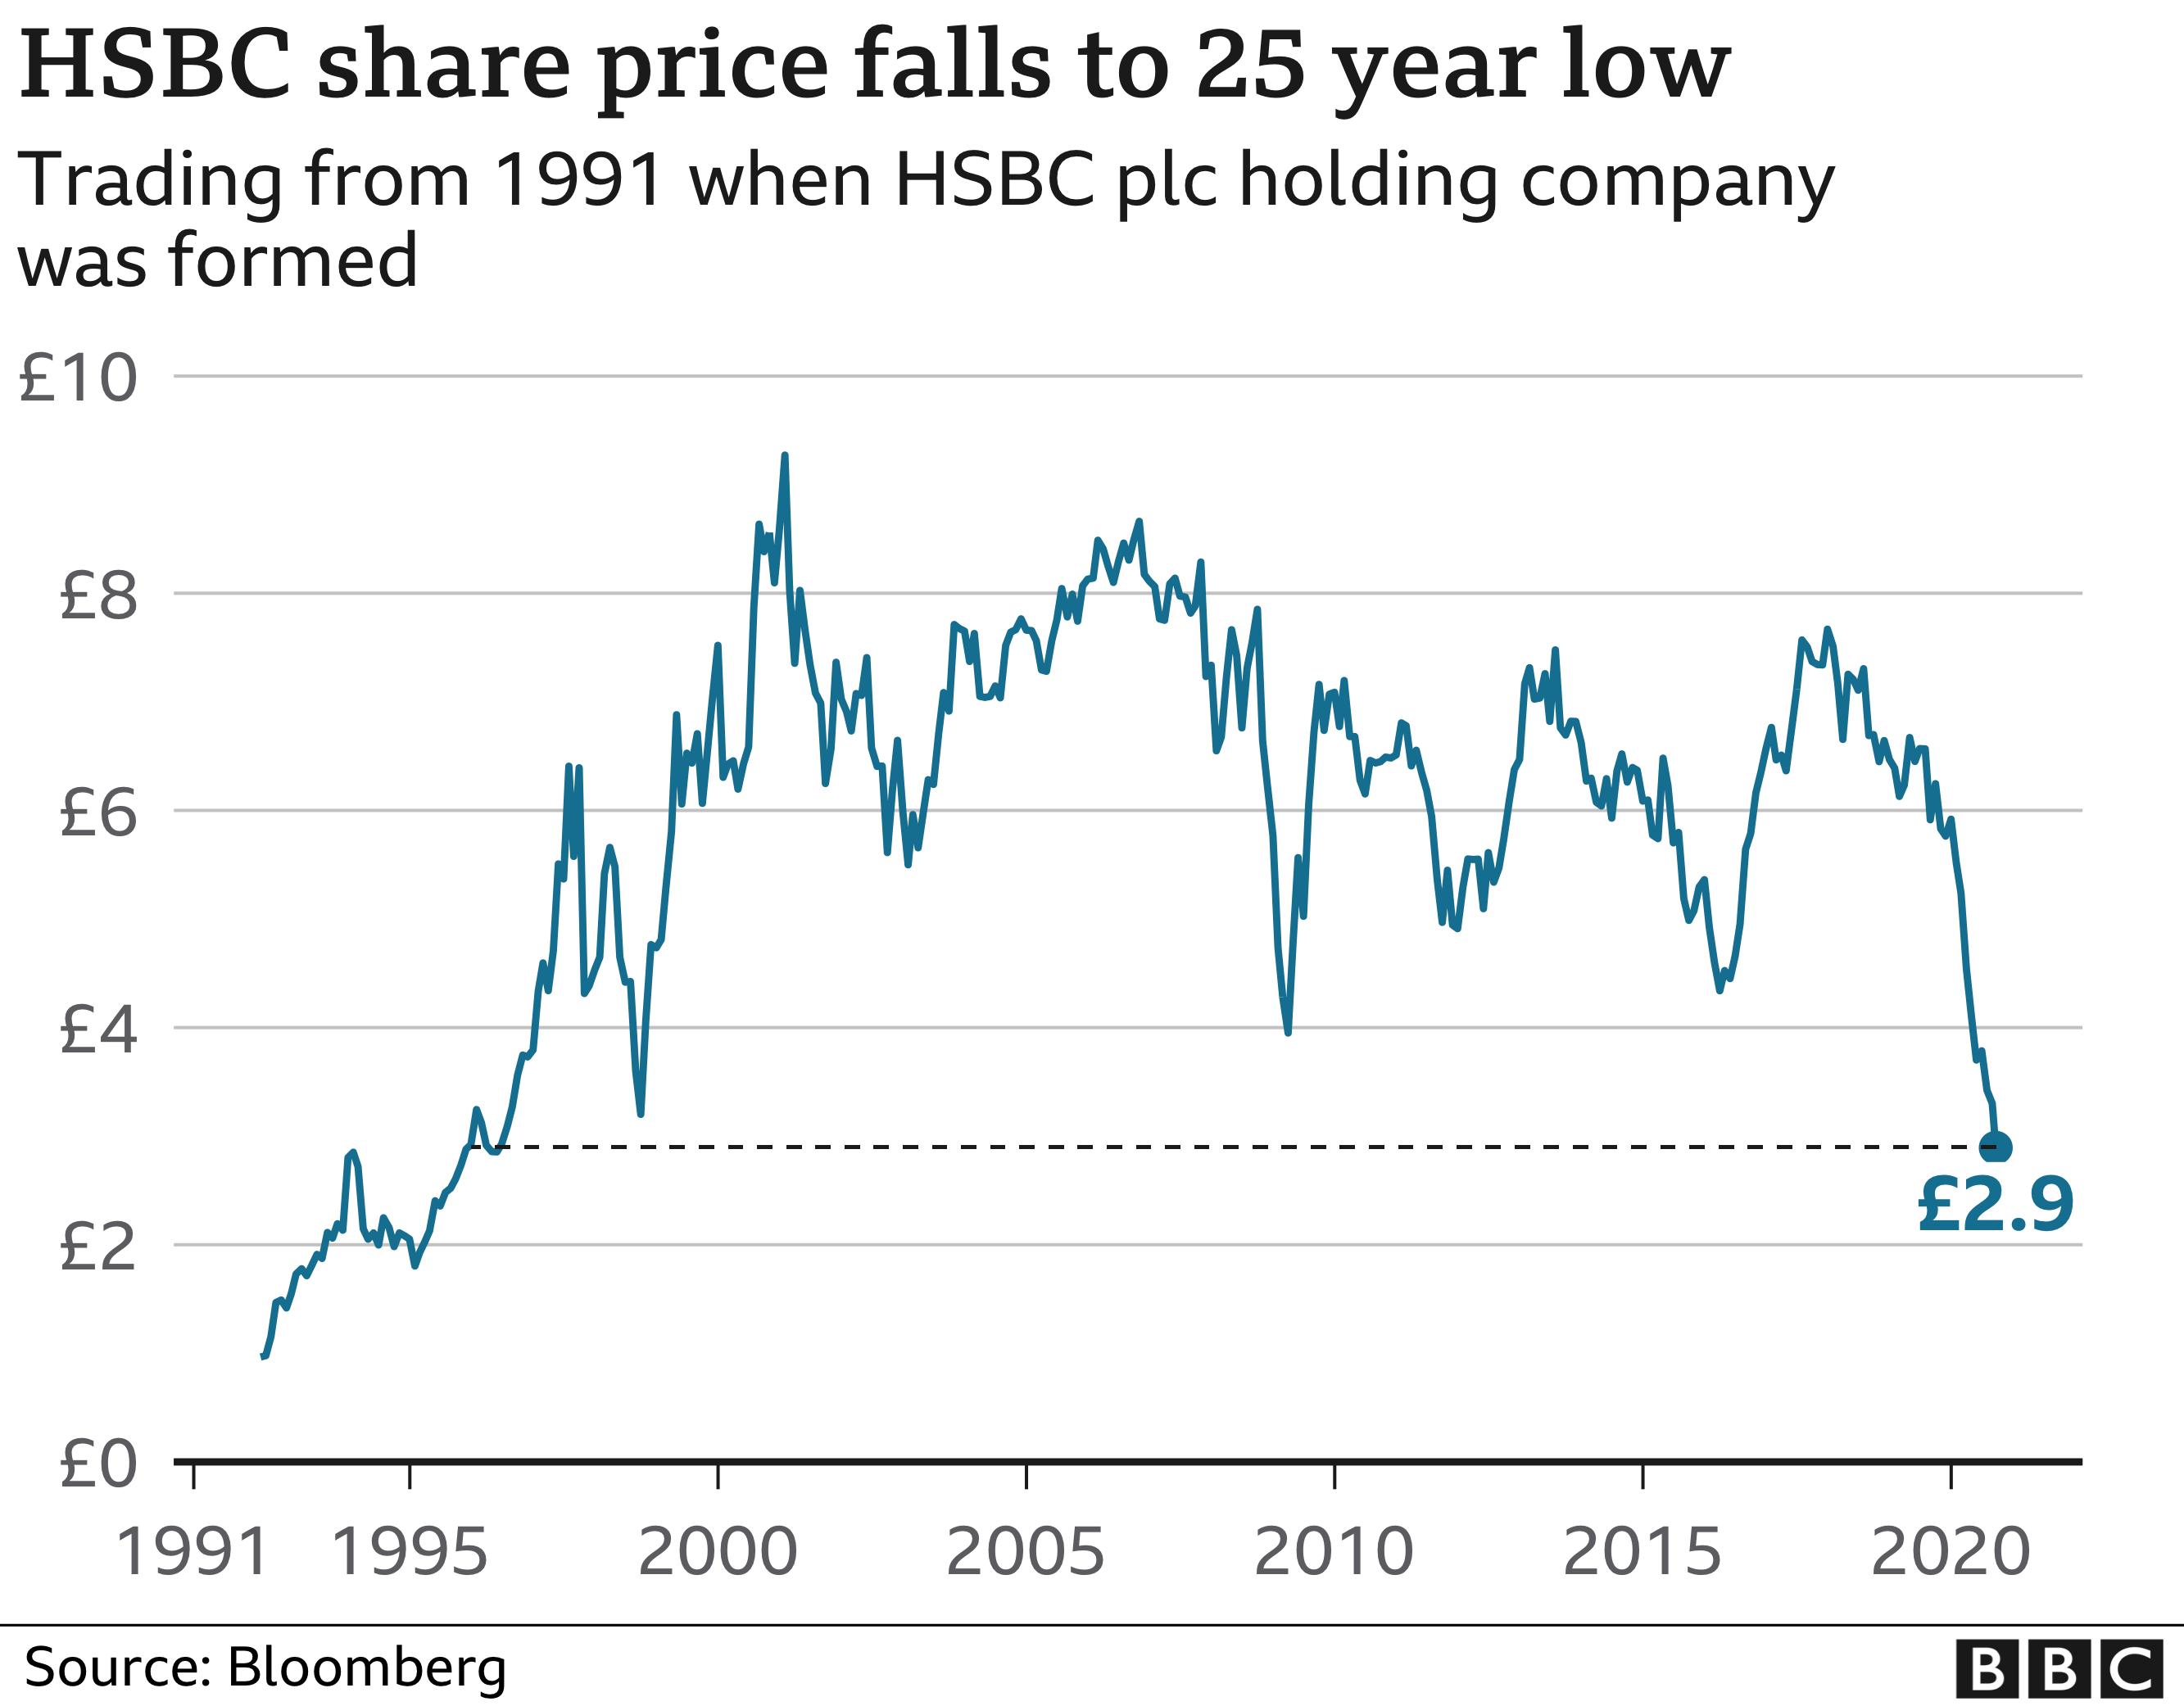 HSBC share price chart